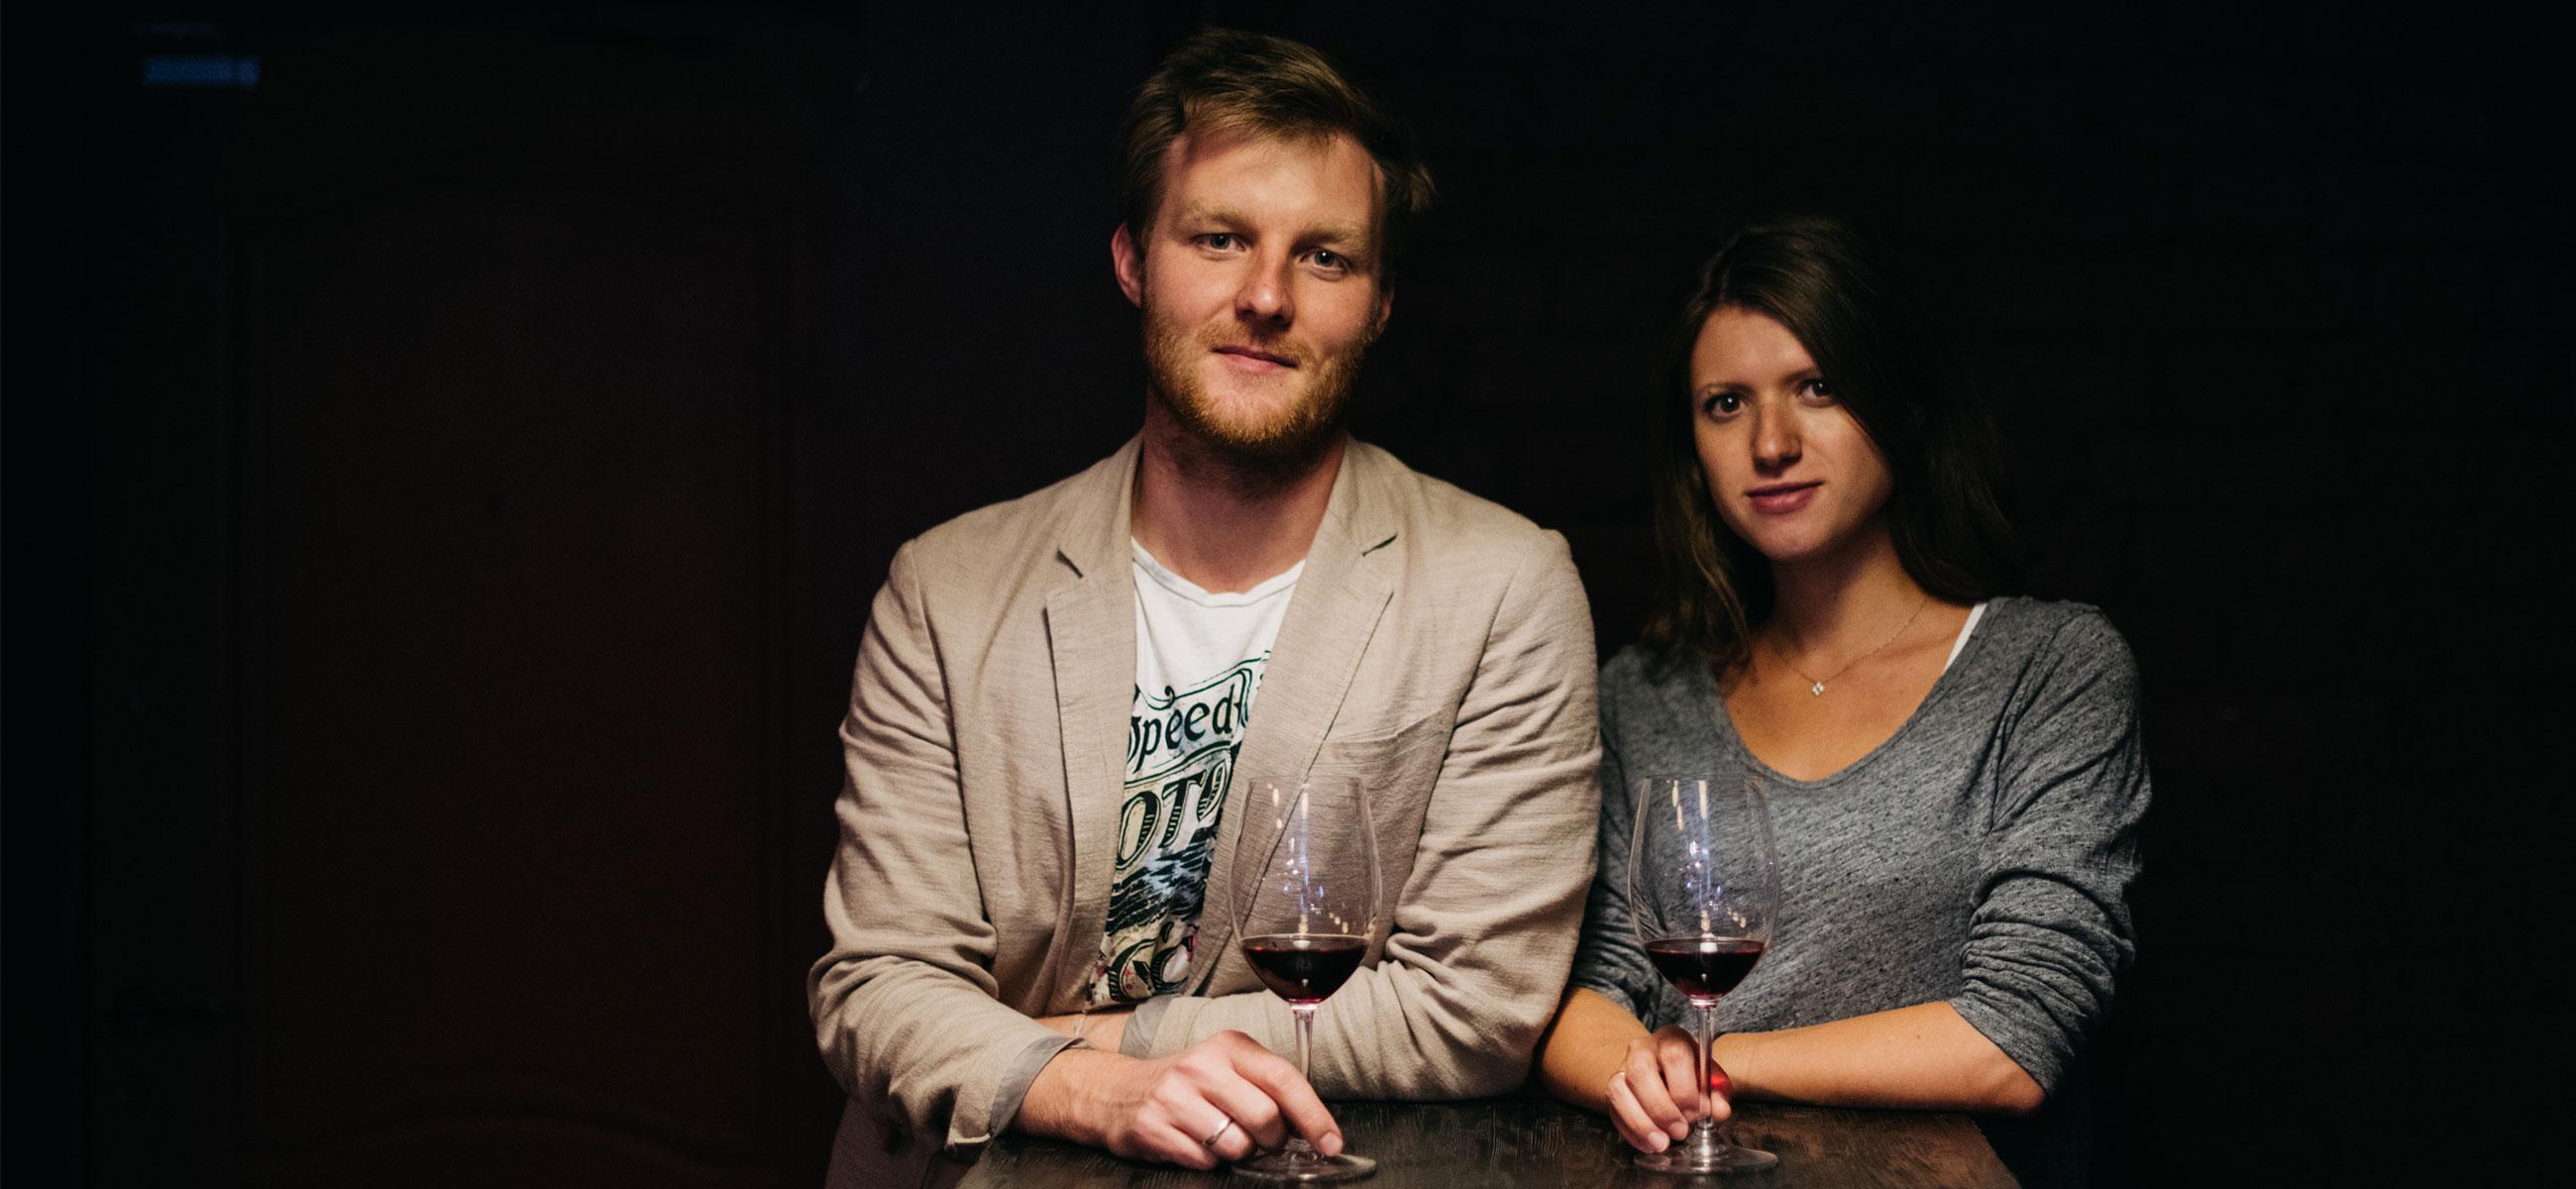 Залезть в бутылку: каклюбитель вина заработал миллион, продавая пиво футбольным фанатам наЧМ-2018, — ипотратил его навинный бар